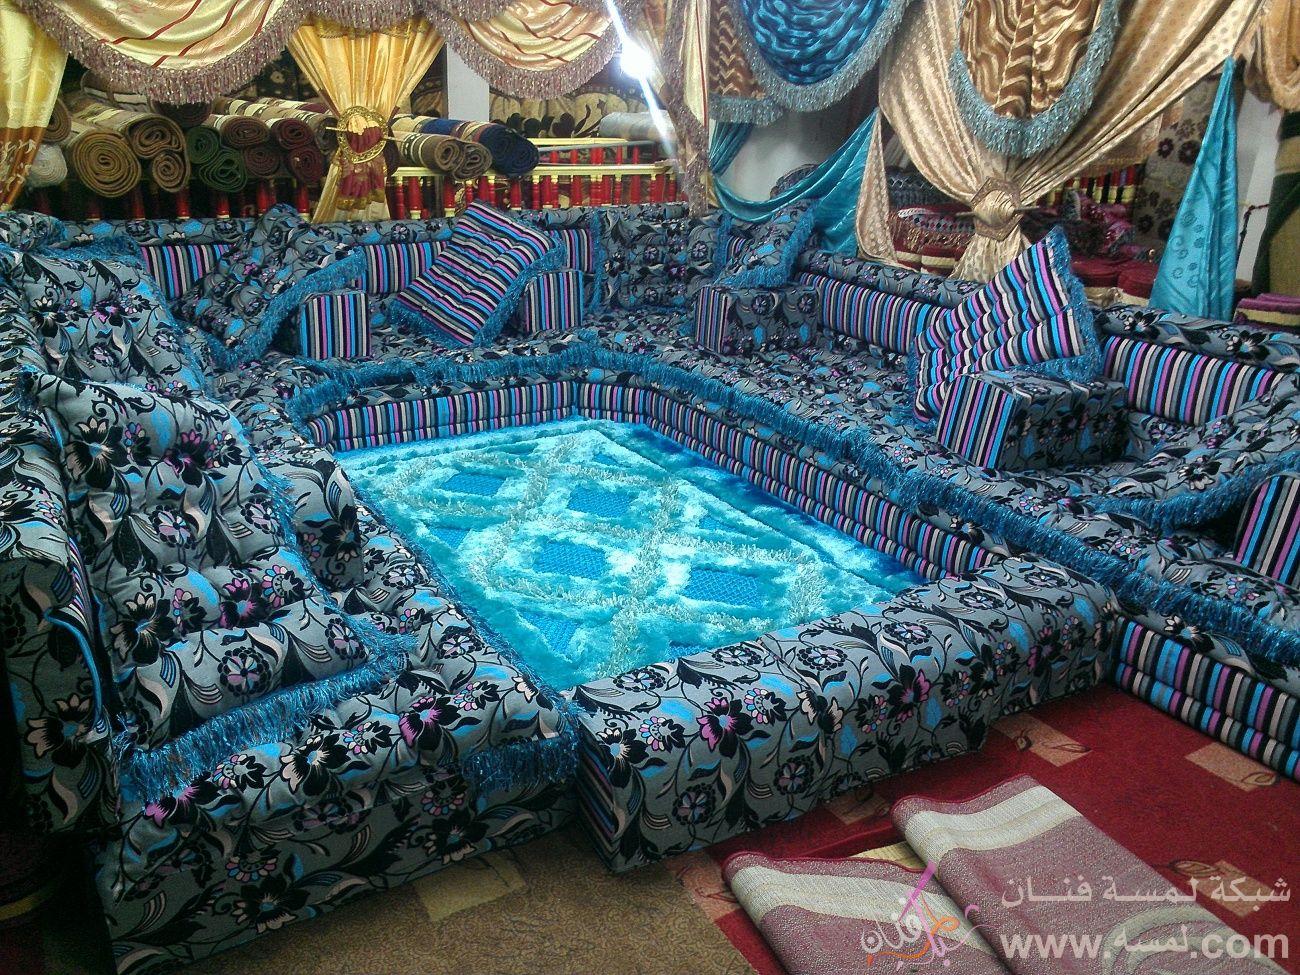 مجالس عربية بتصاميم وألوان رائعة من الراجحي للمفروشات صنعاء اليمن